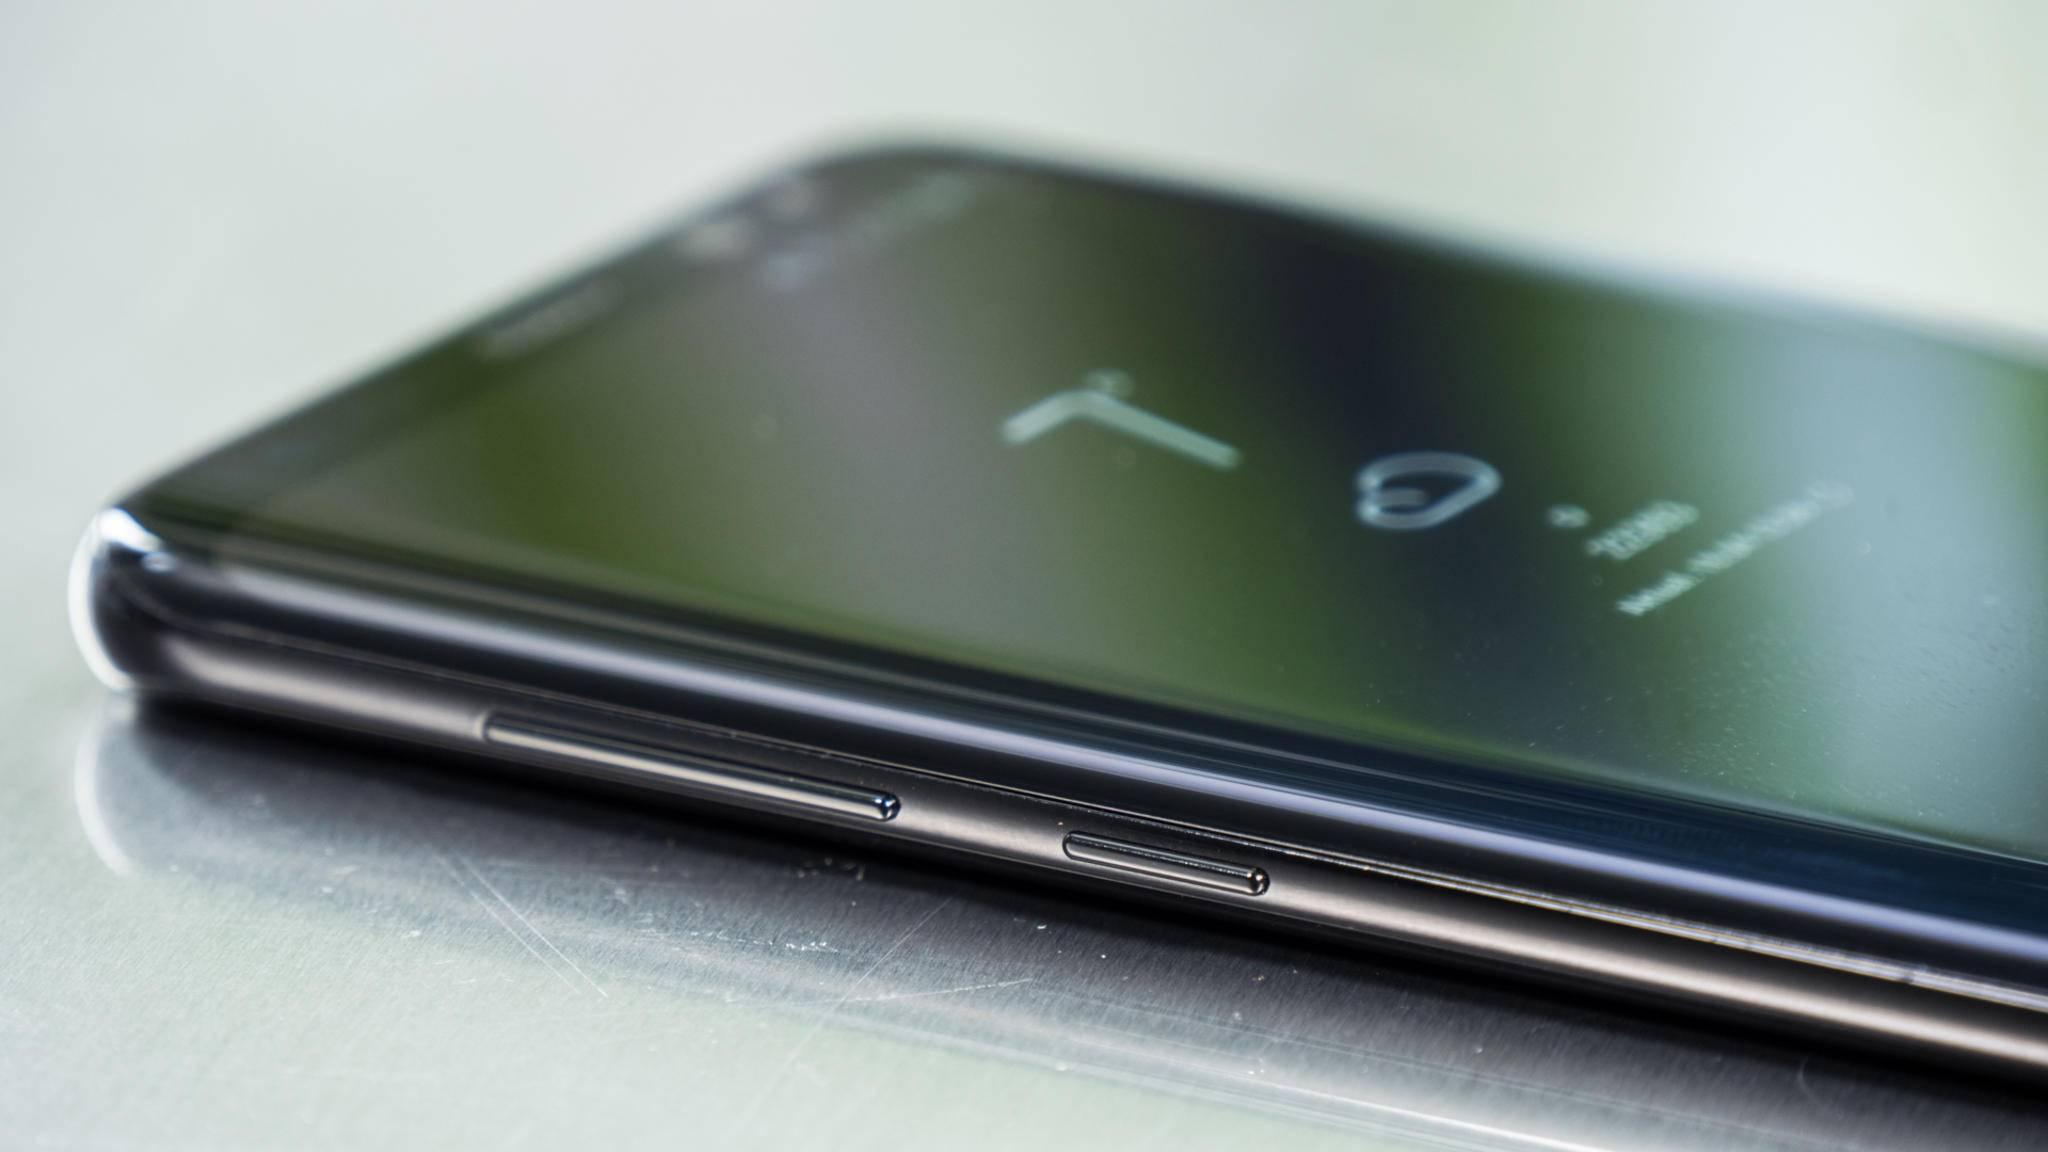 Wie wichtig Samsung dieser Assistent ist, zeigt der eigene Hardware-Button unterhalb der Lautstärketaste.